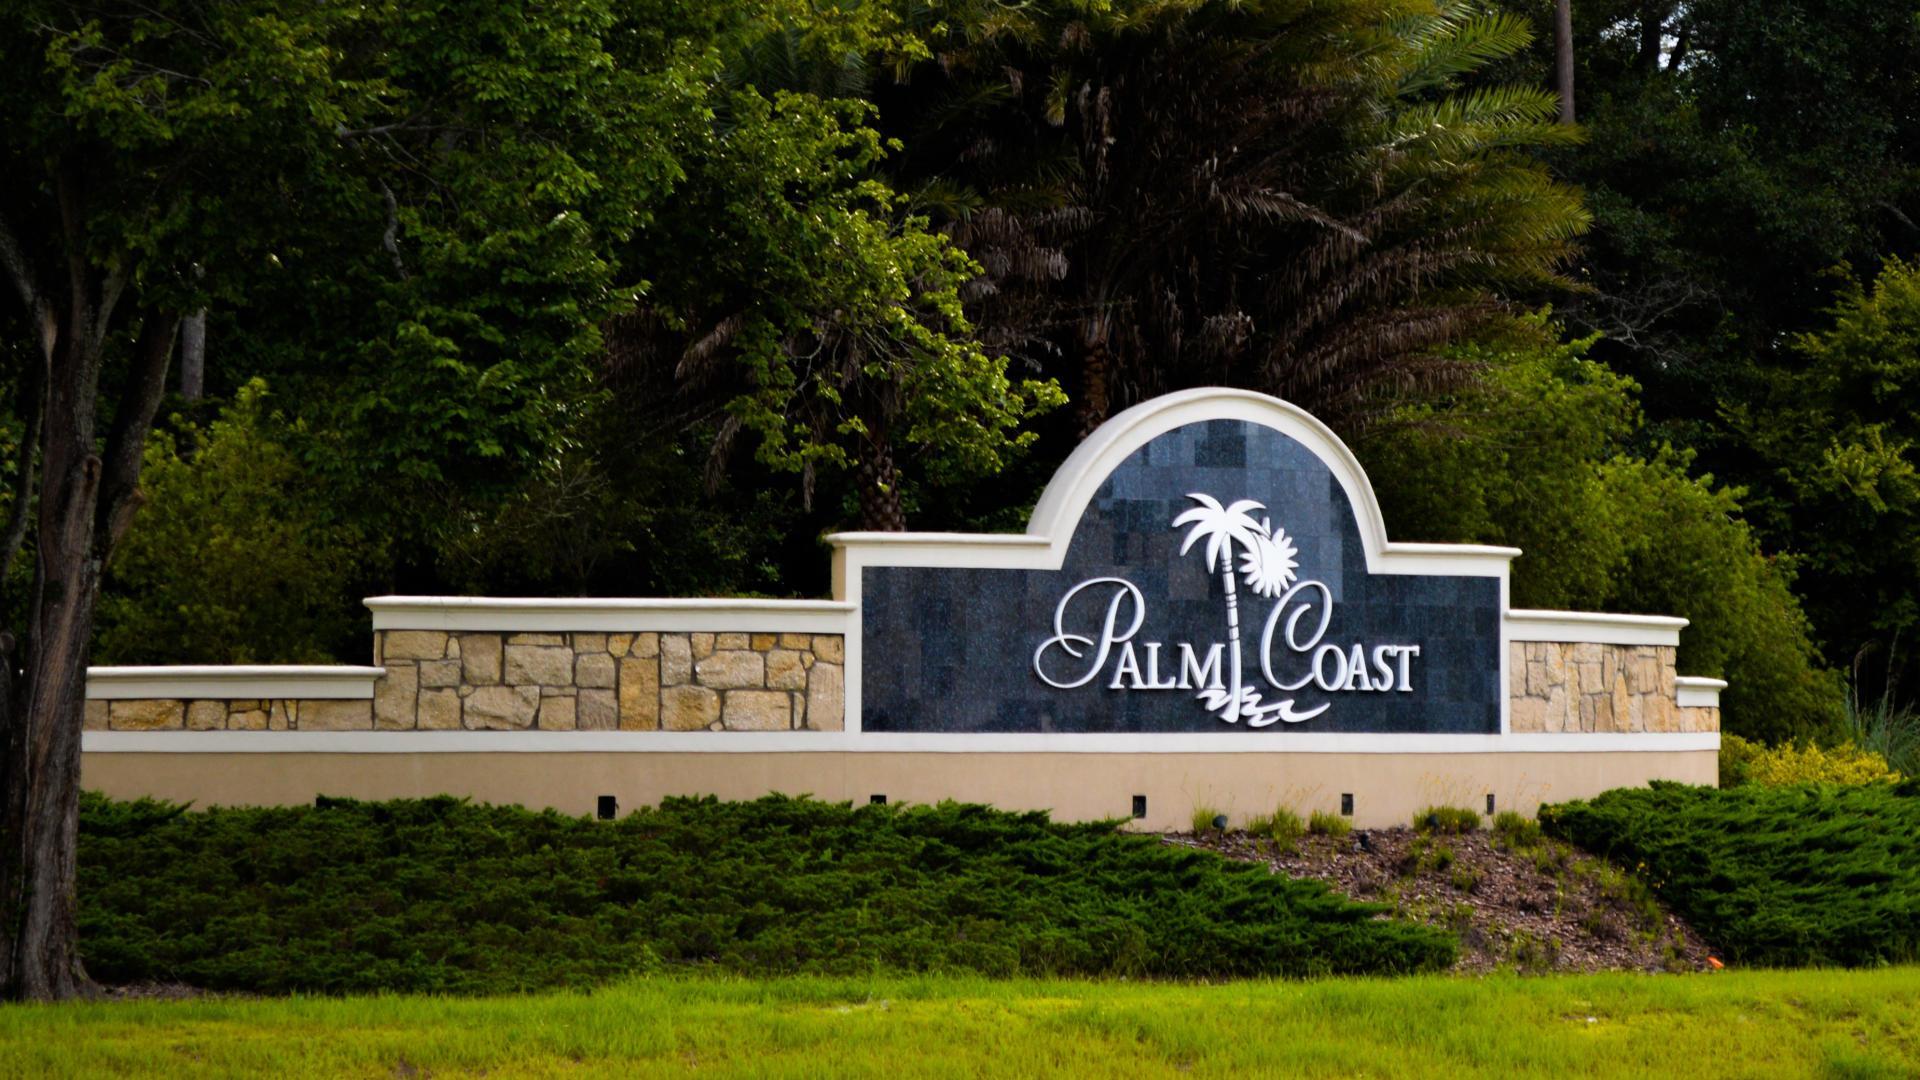 Palm Coast,32164